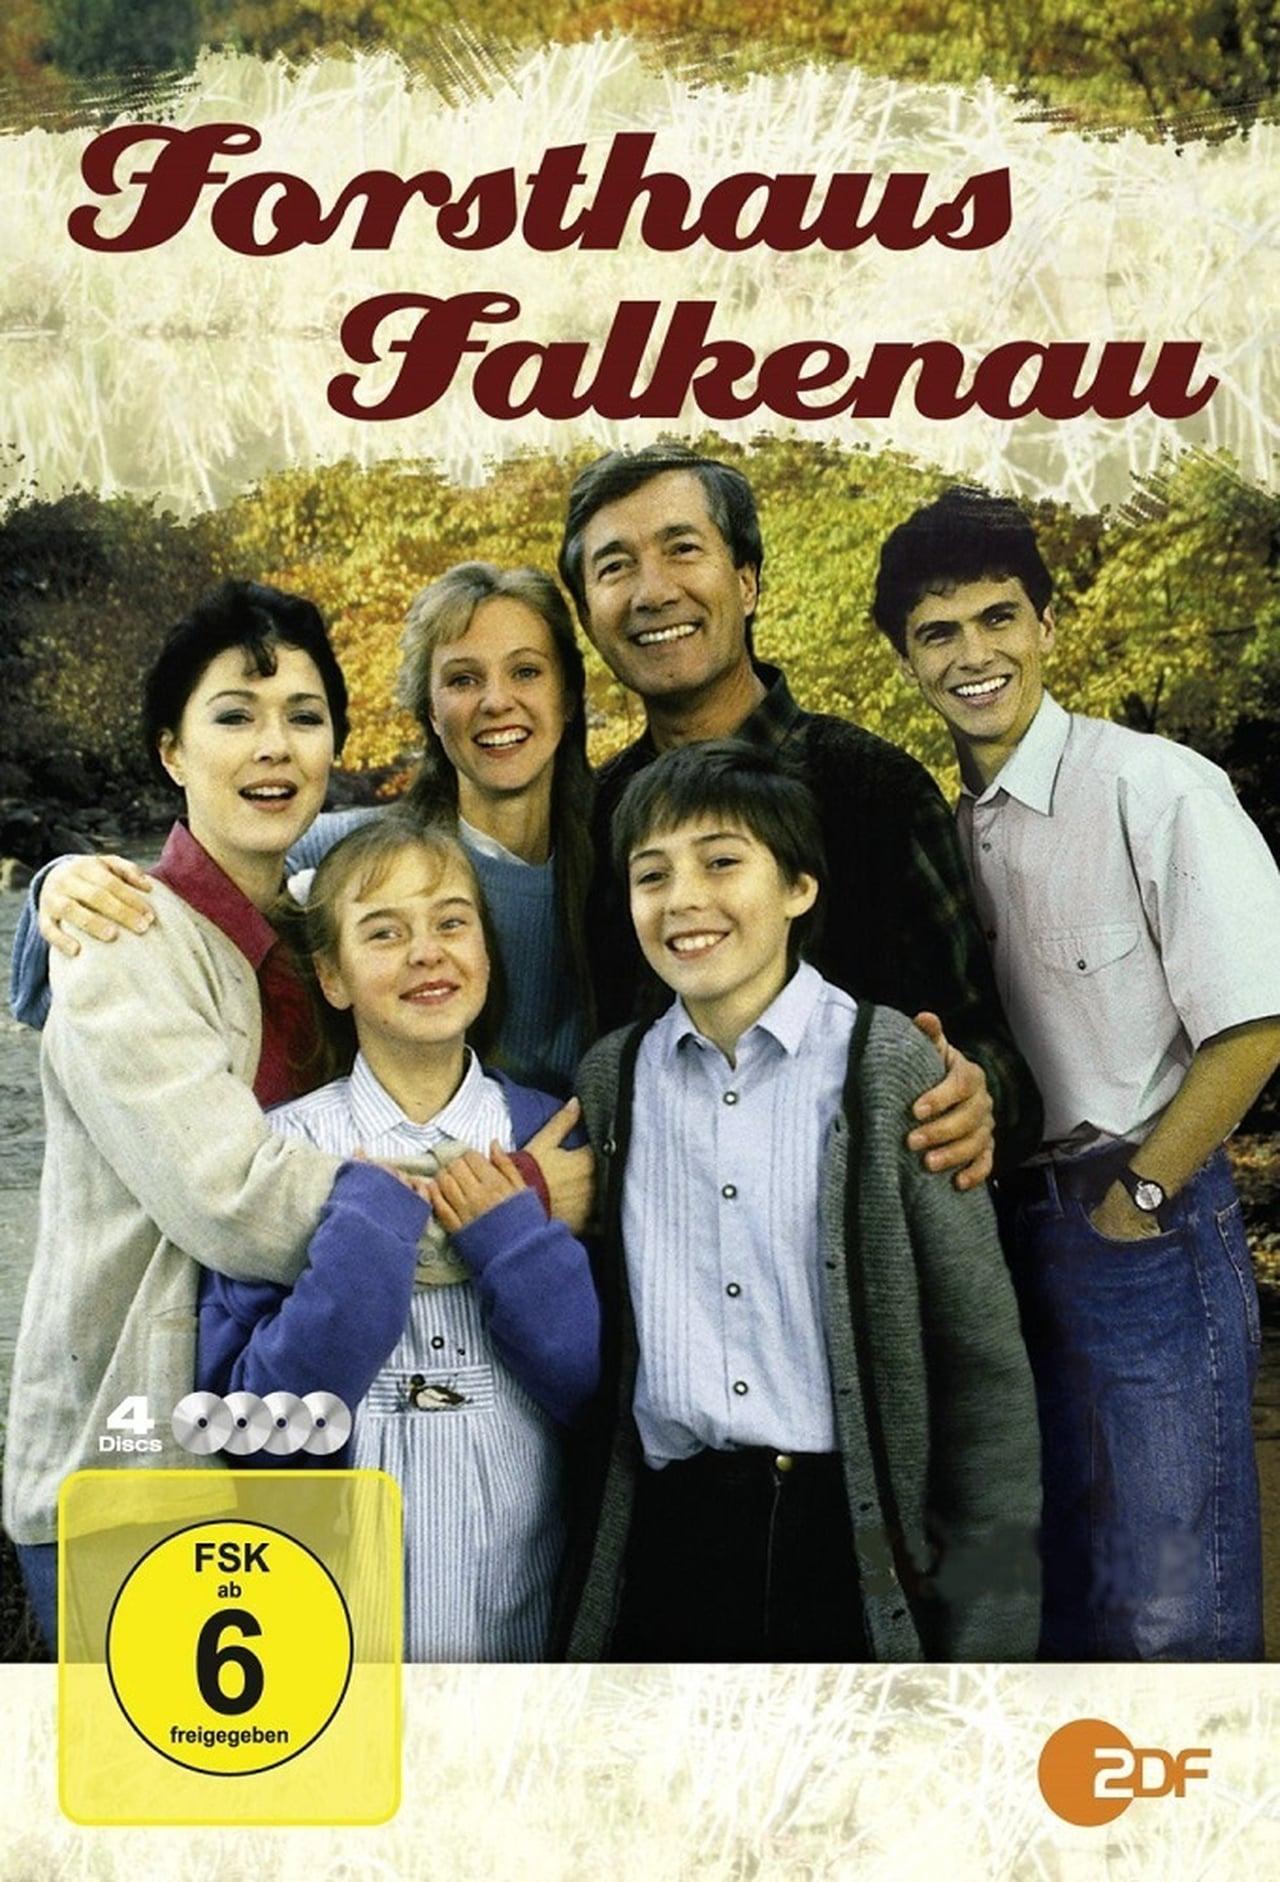 Wer Streamt Forsthaus Falkenau Serie Online Schauen